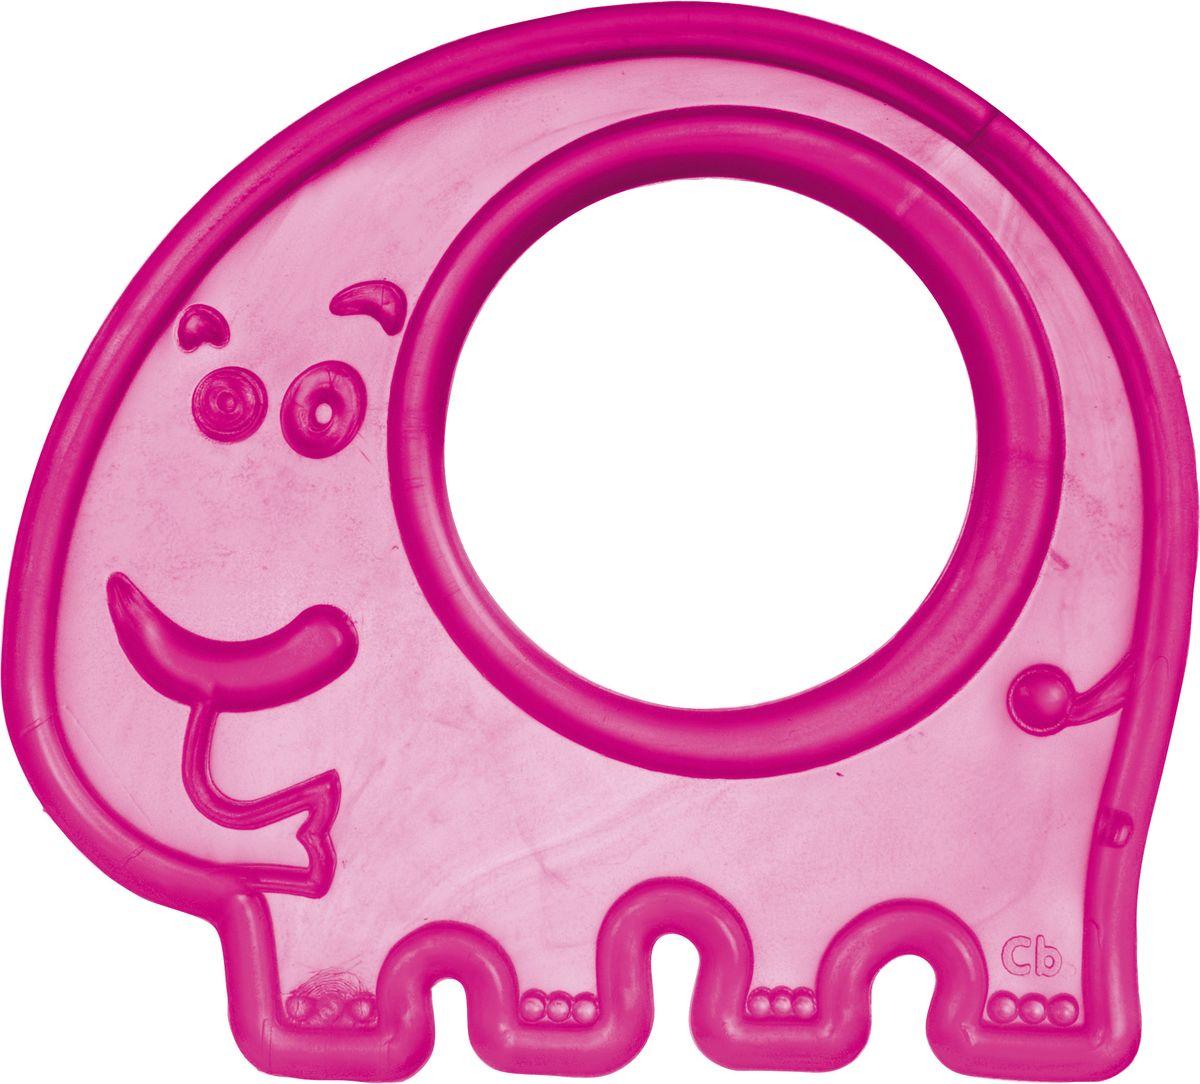 Canpol Babies Прорезыватель Слоник цвет розовый canpol babies мисочка с ложкой и крышкой canpol babies розовый